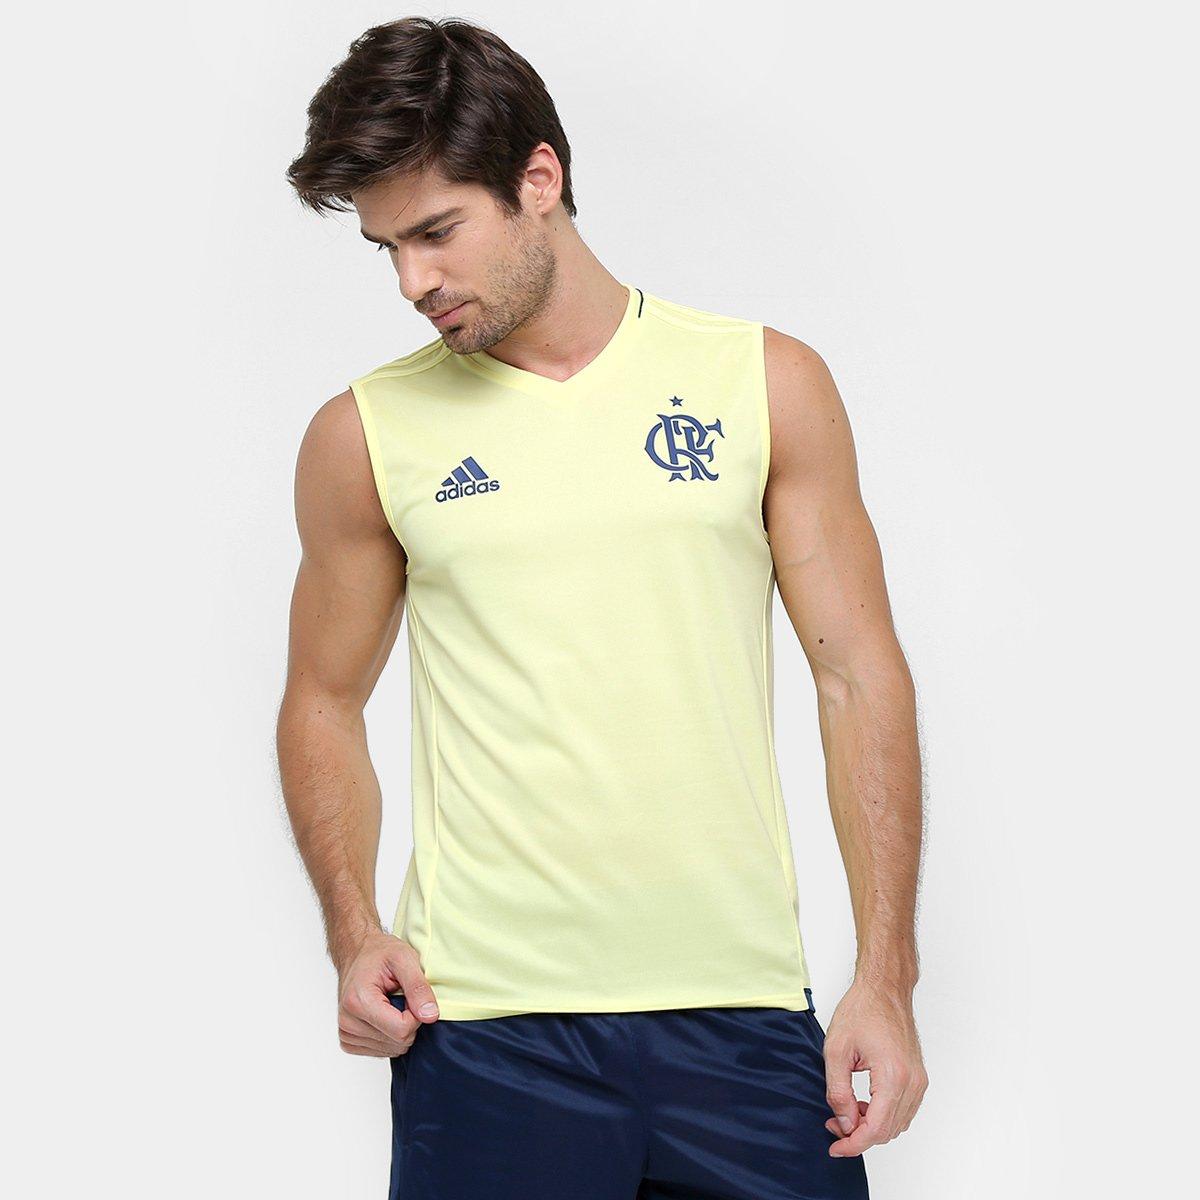 bfe77e3dfa Camiseta Regata Adidas Flamengo Treino - Compre Agora